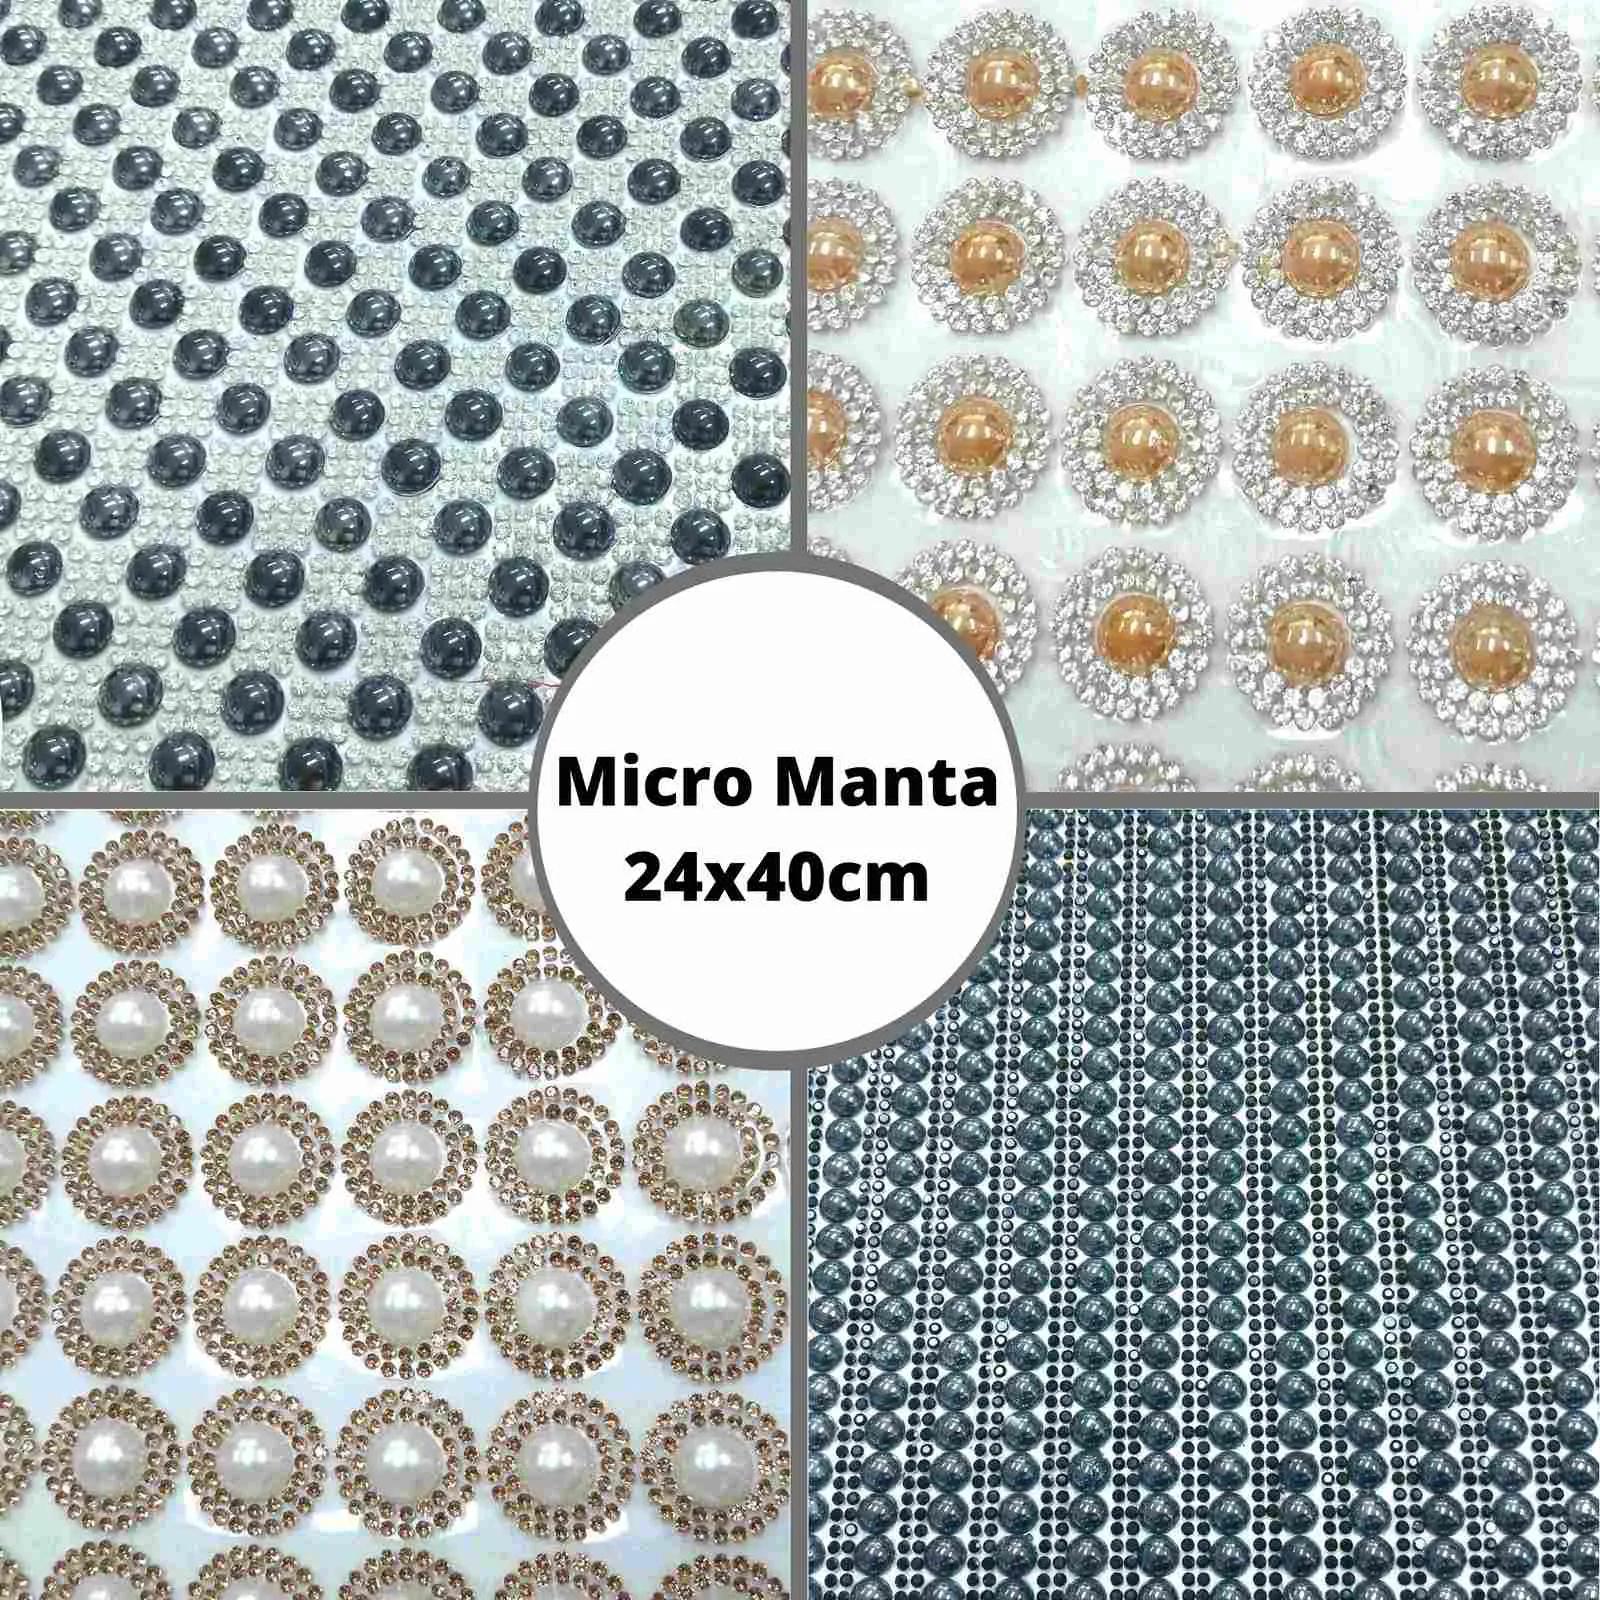 Micro Manta c/ Meia Pérola - Tamanho 24x40cm - 1 unidade